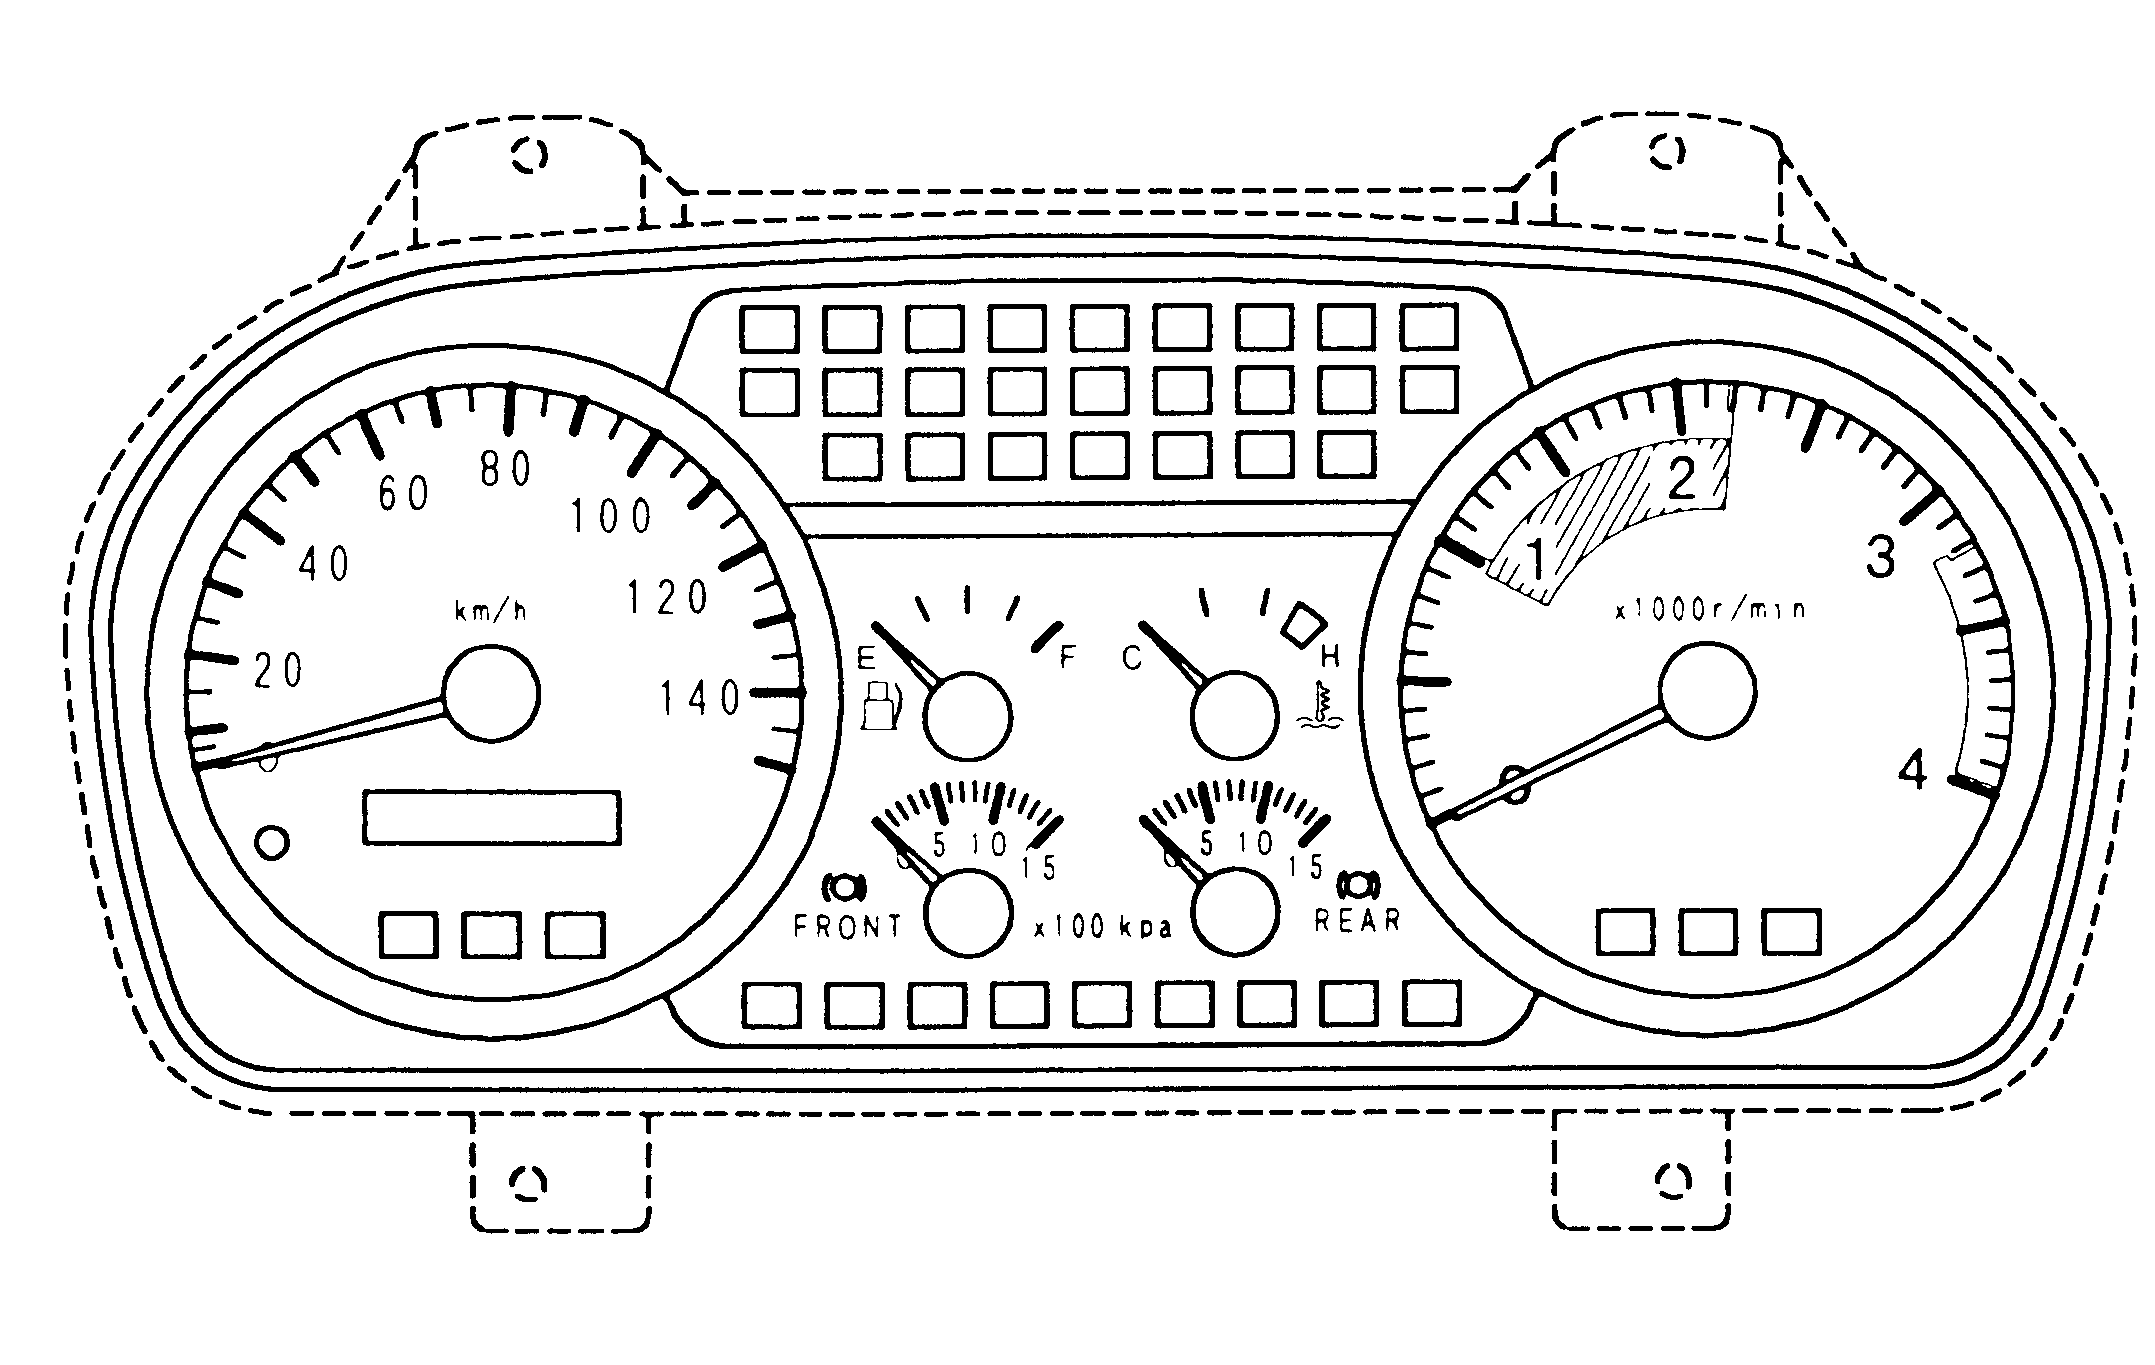 5300 Vortec Engine Diagram Cruise Control Diagram Wiring